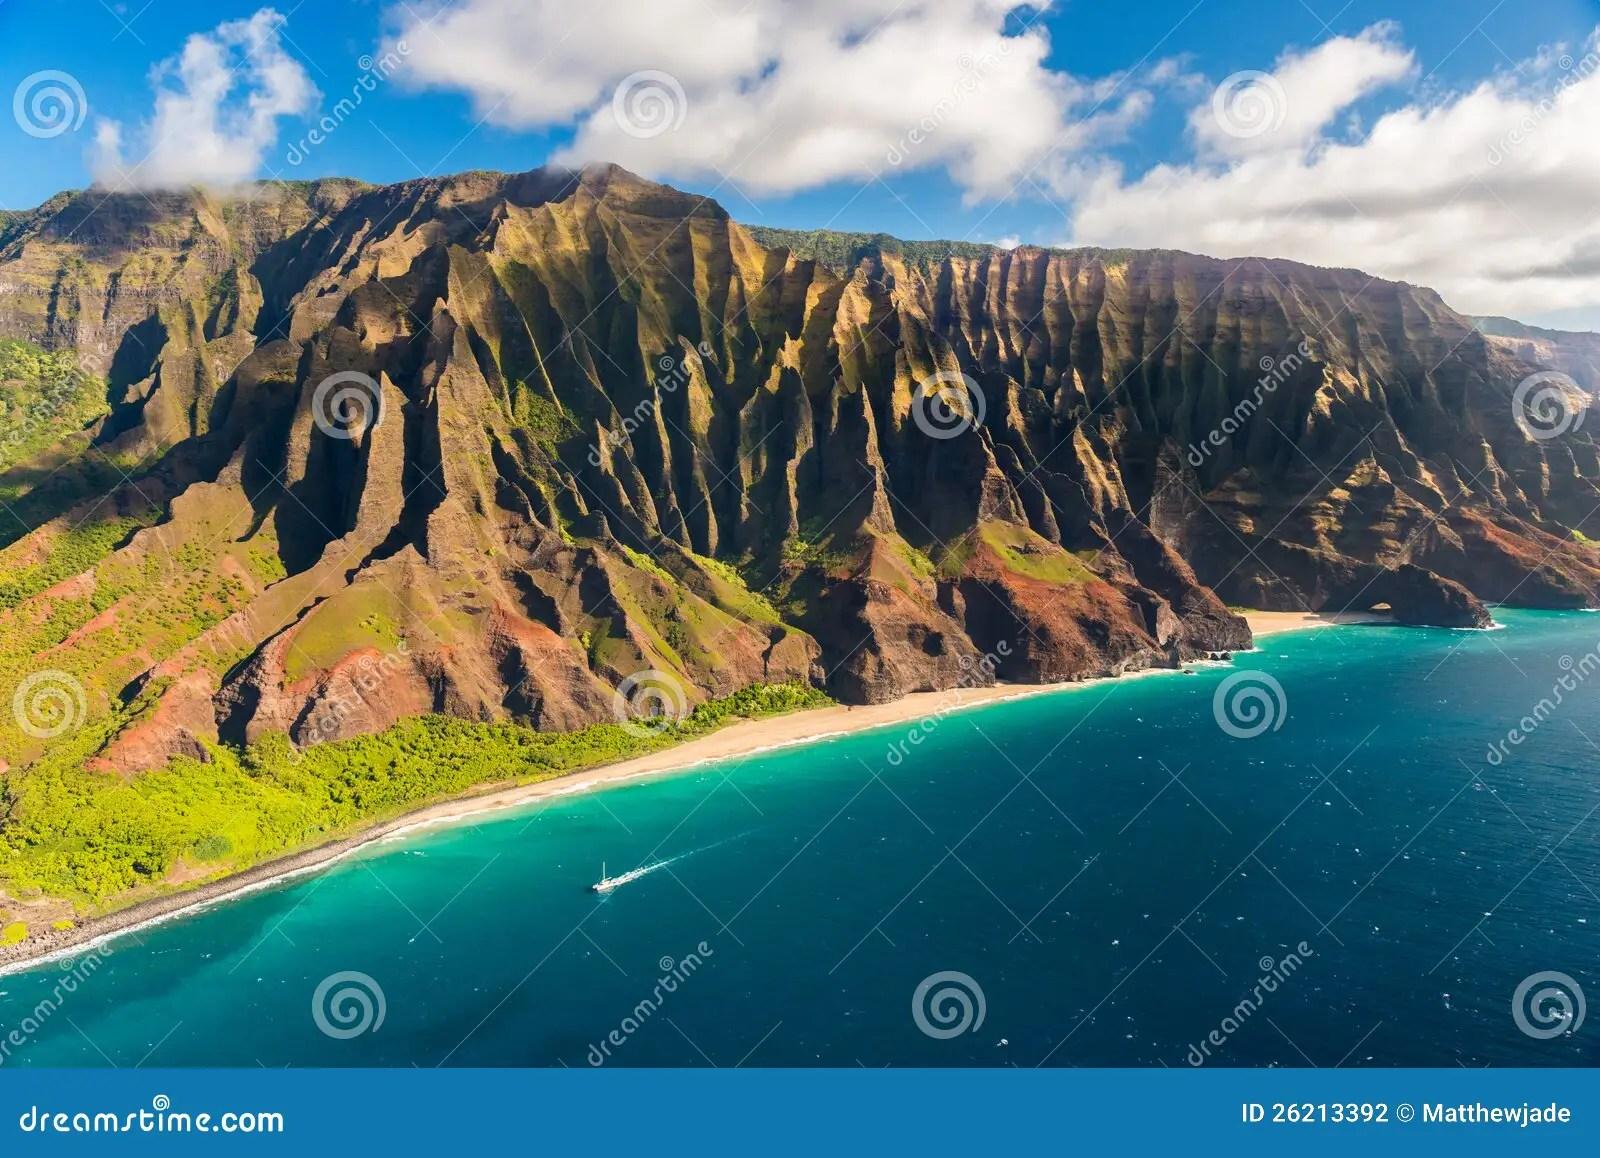 Beautiful Na Pali Coastline In Hawaii Stock Photography